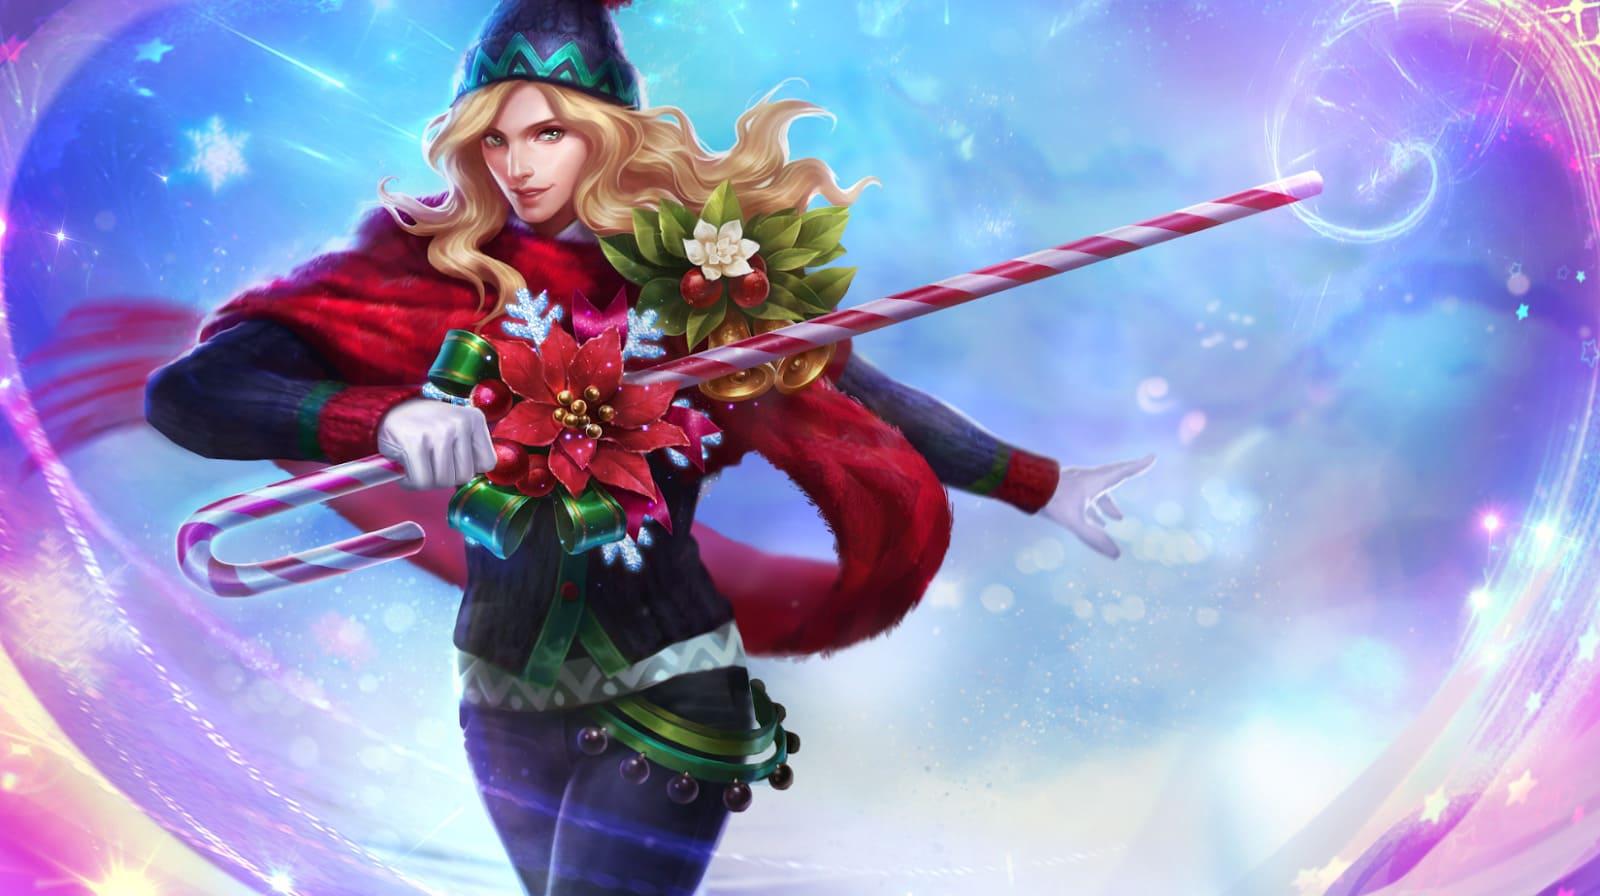 Wallpaper Lancelot Christmas Carnival Skin Mobile Legends HD for PC